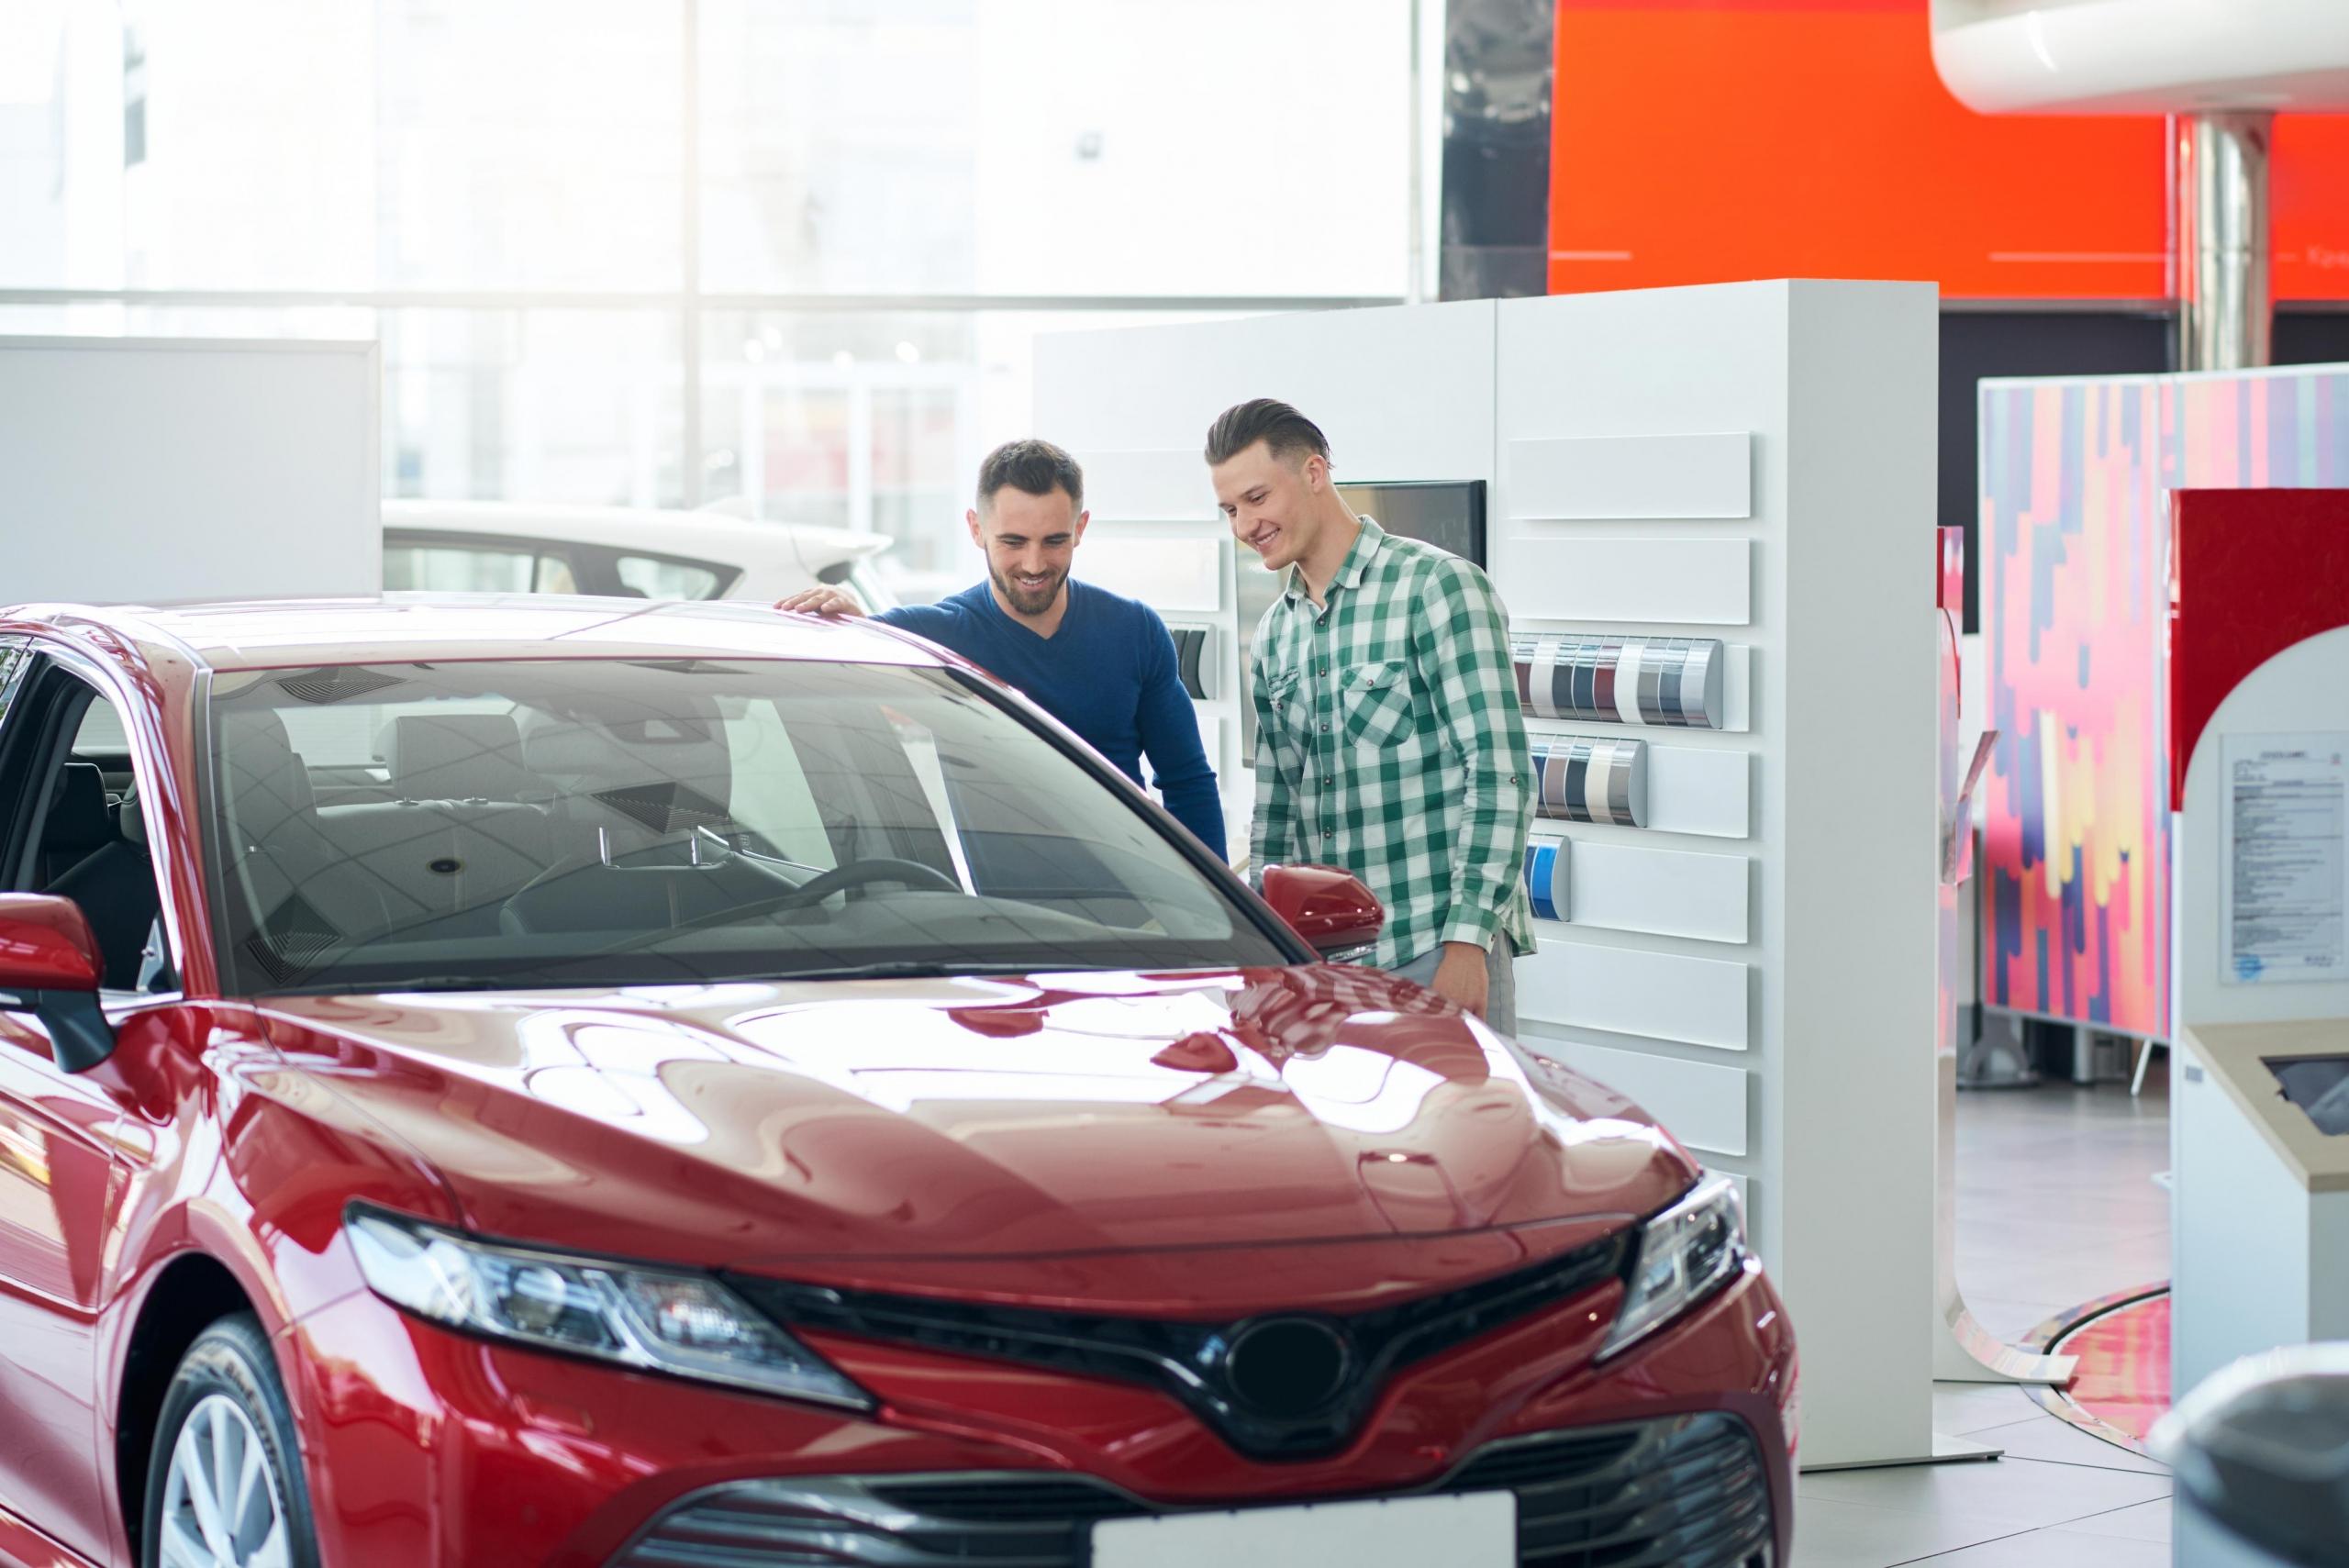 Compra vehículo coches.net